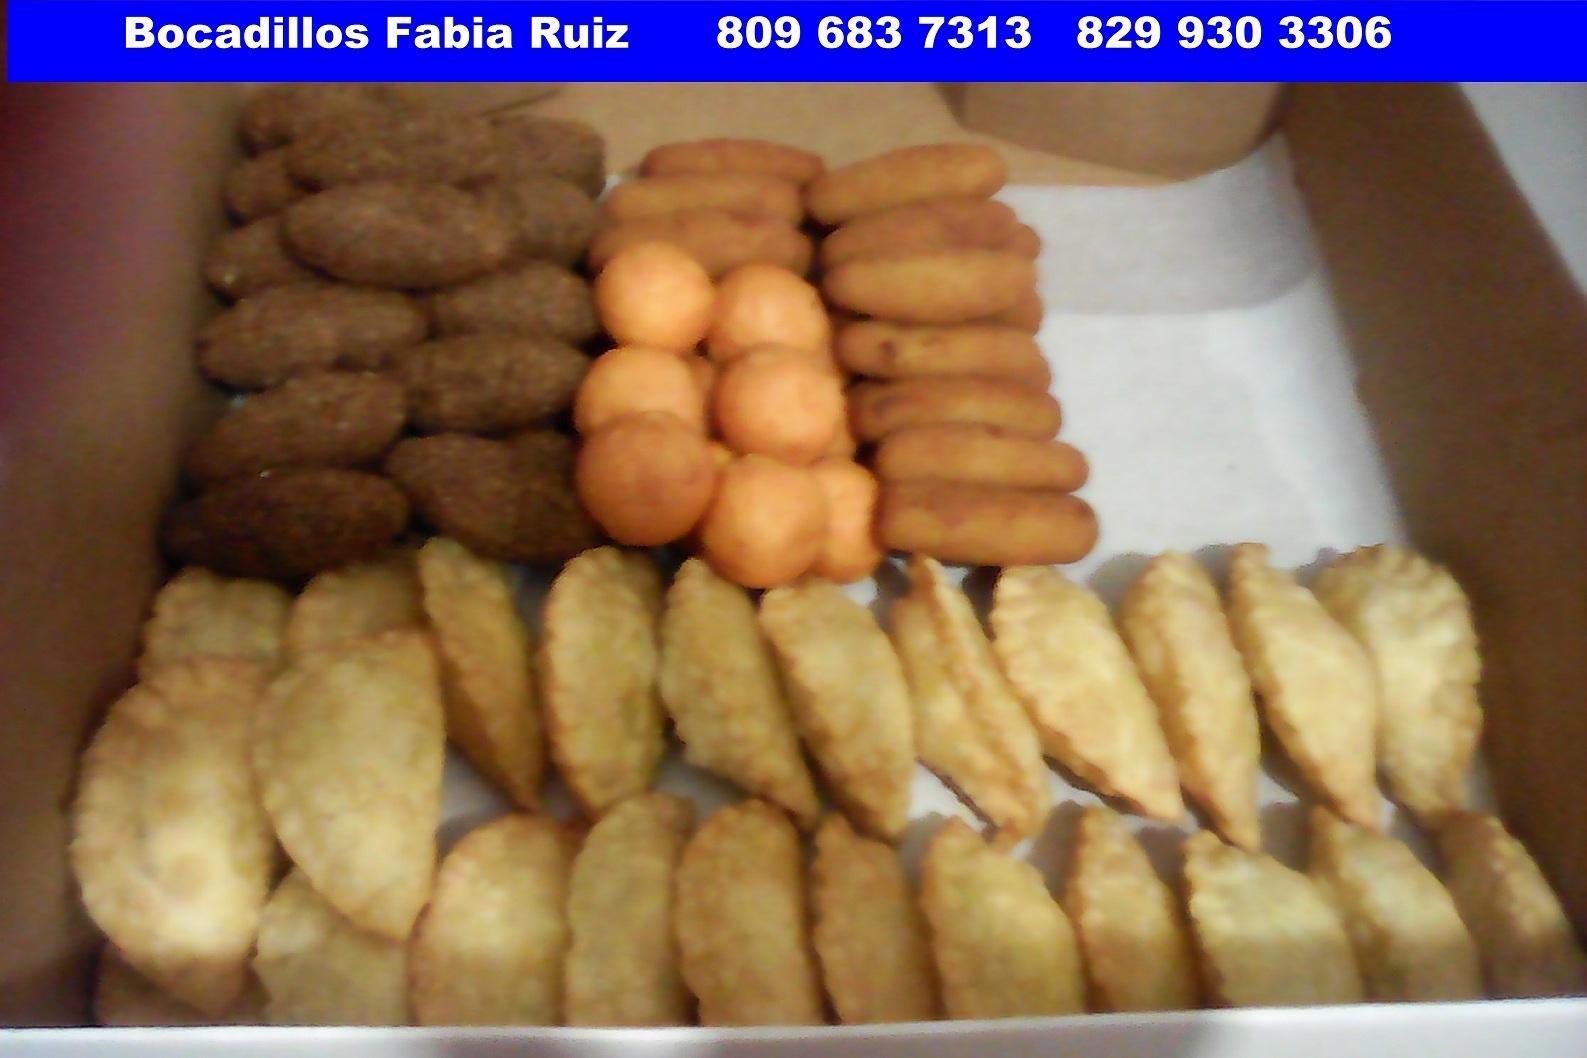 Picaderas y Bocadillos Fabia Ruiz